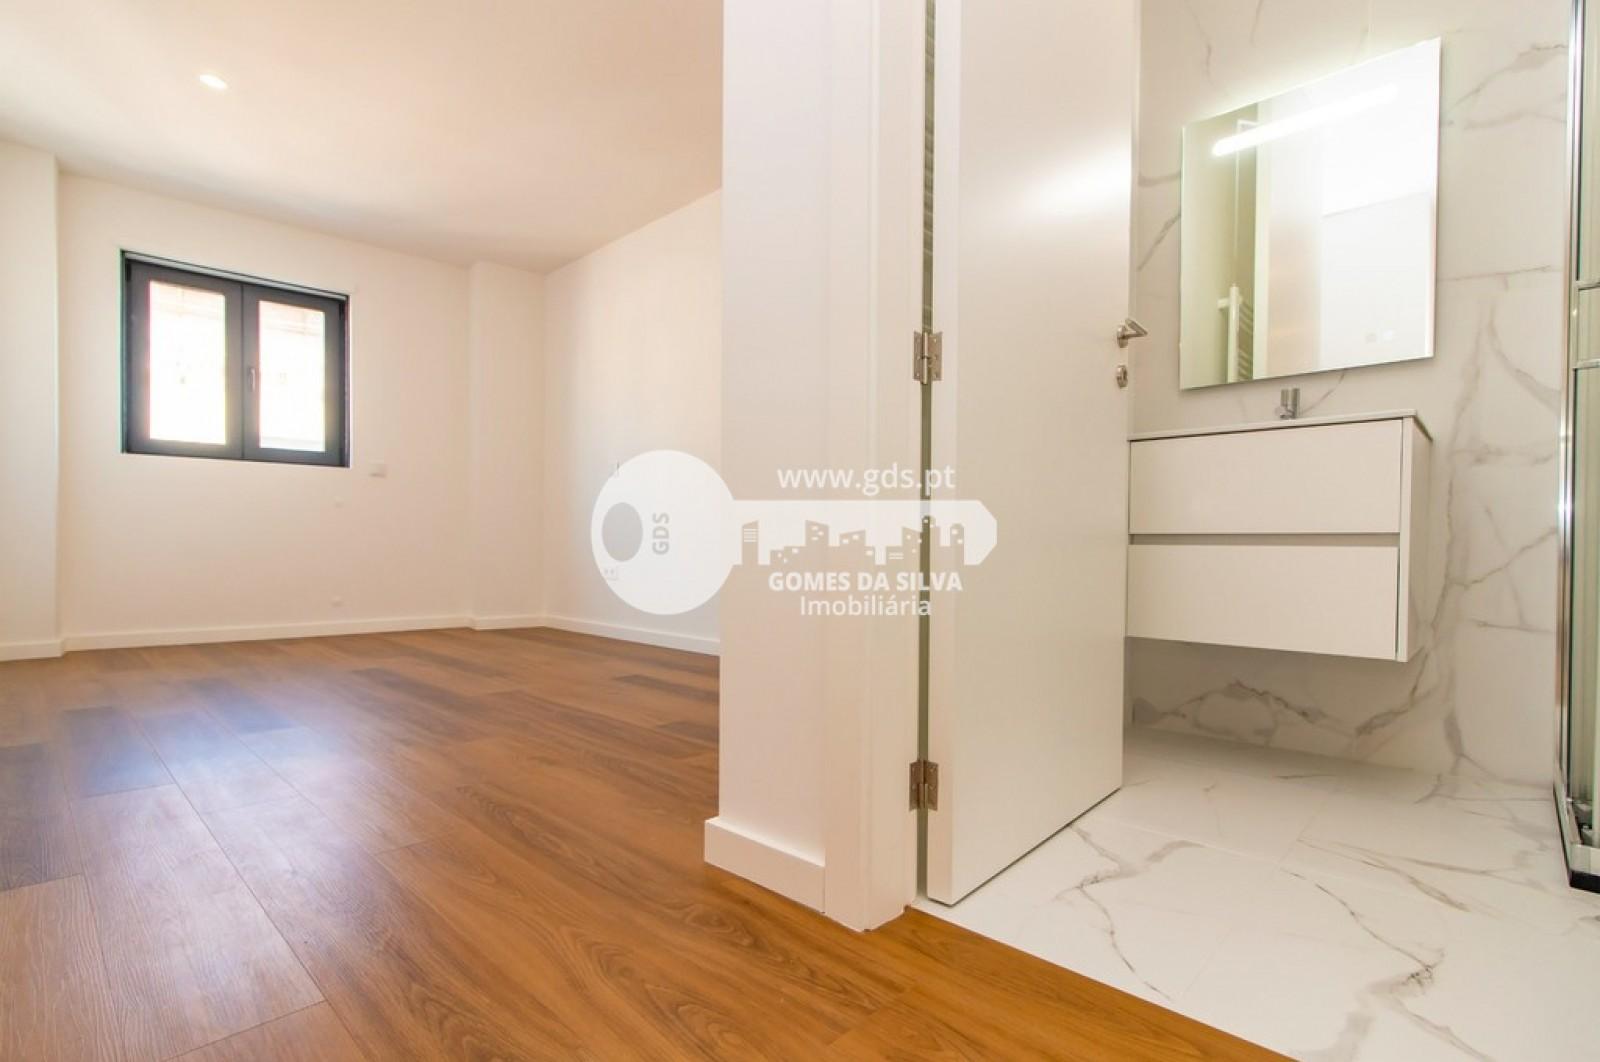 Apartamento T3 para Venda em São Vicente, Braga, Braga - Imagem 9